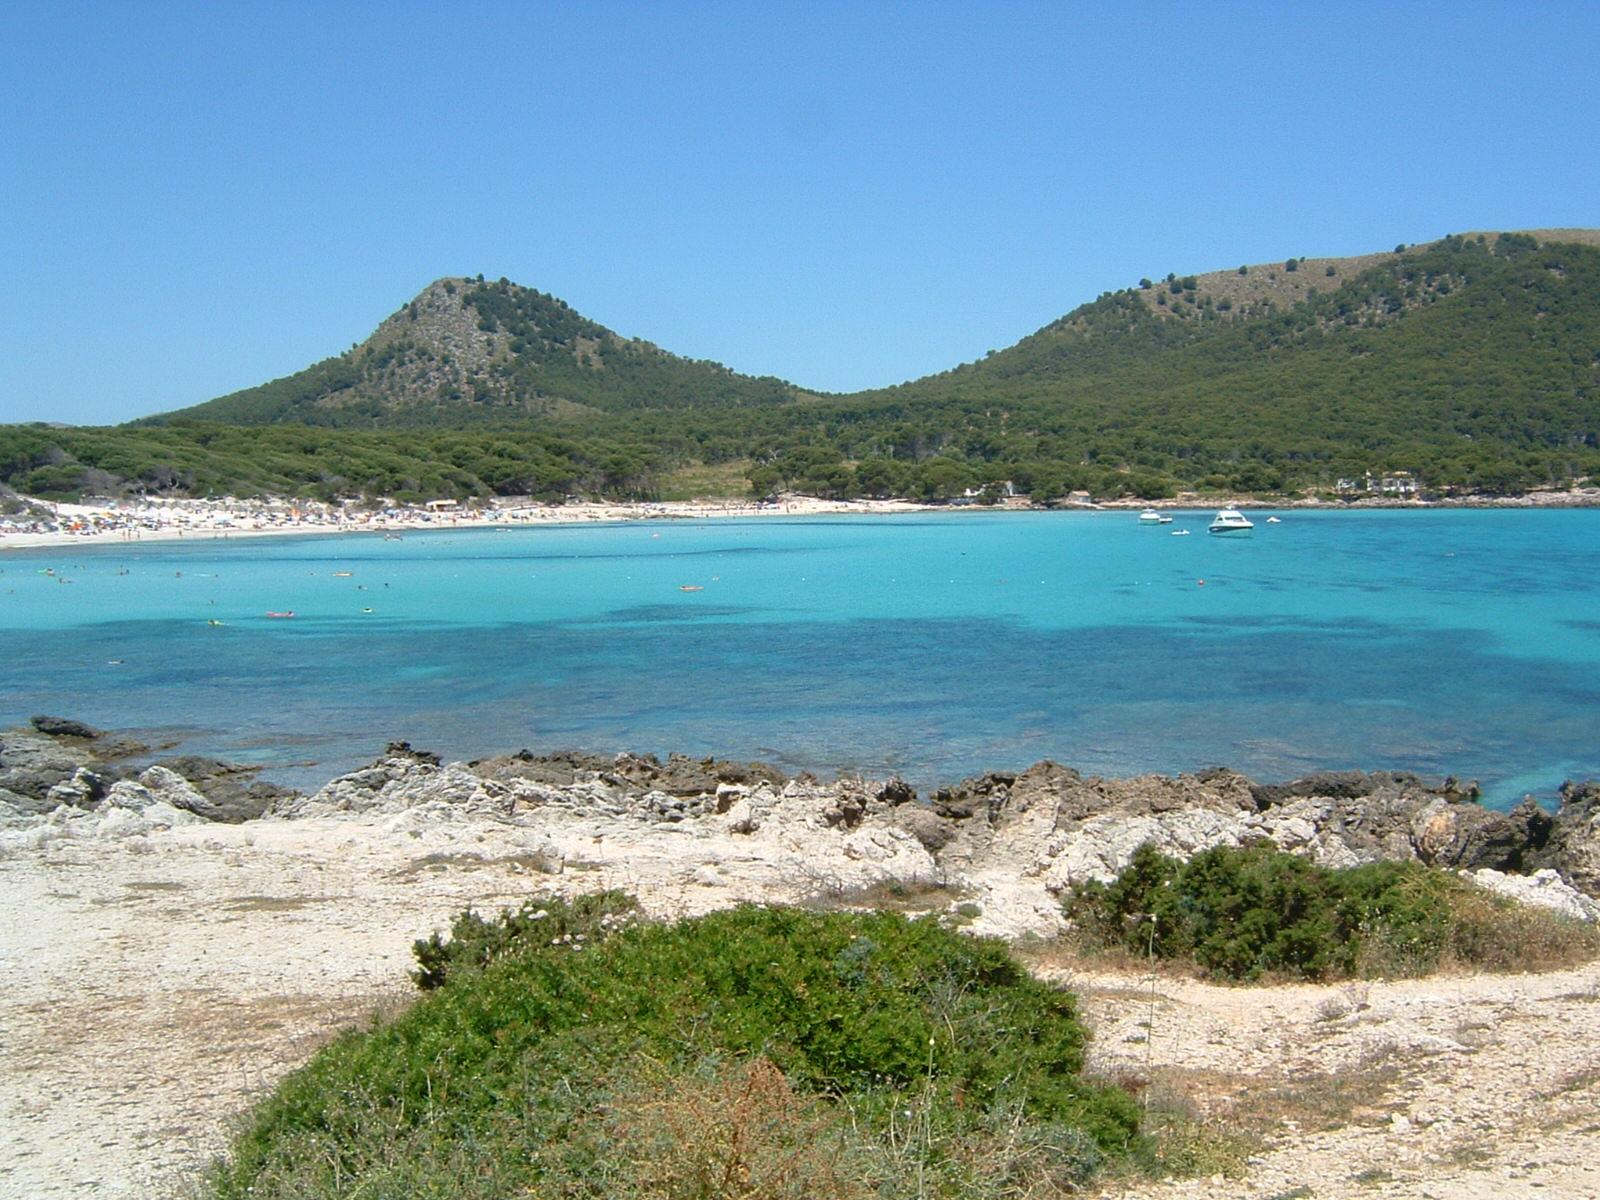 Maiorca un paradiso chiamato cala ratjada buulb for Palma de maiorca dove soggiornare